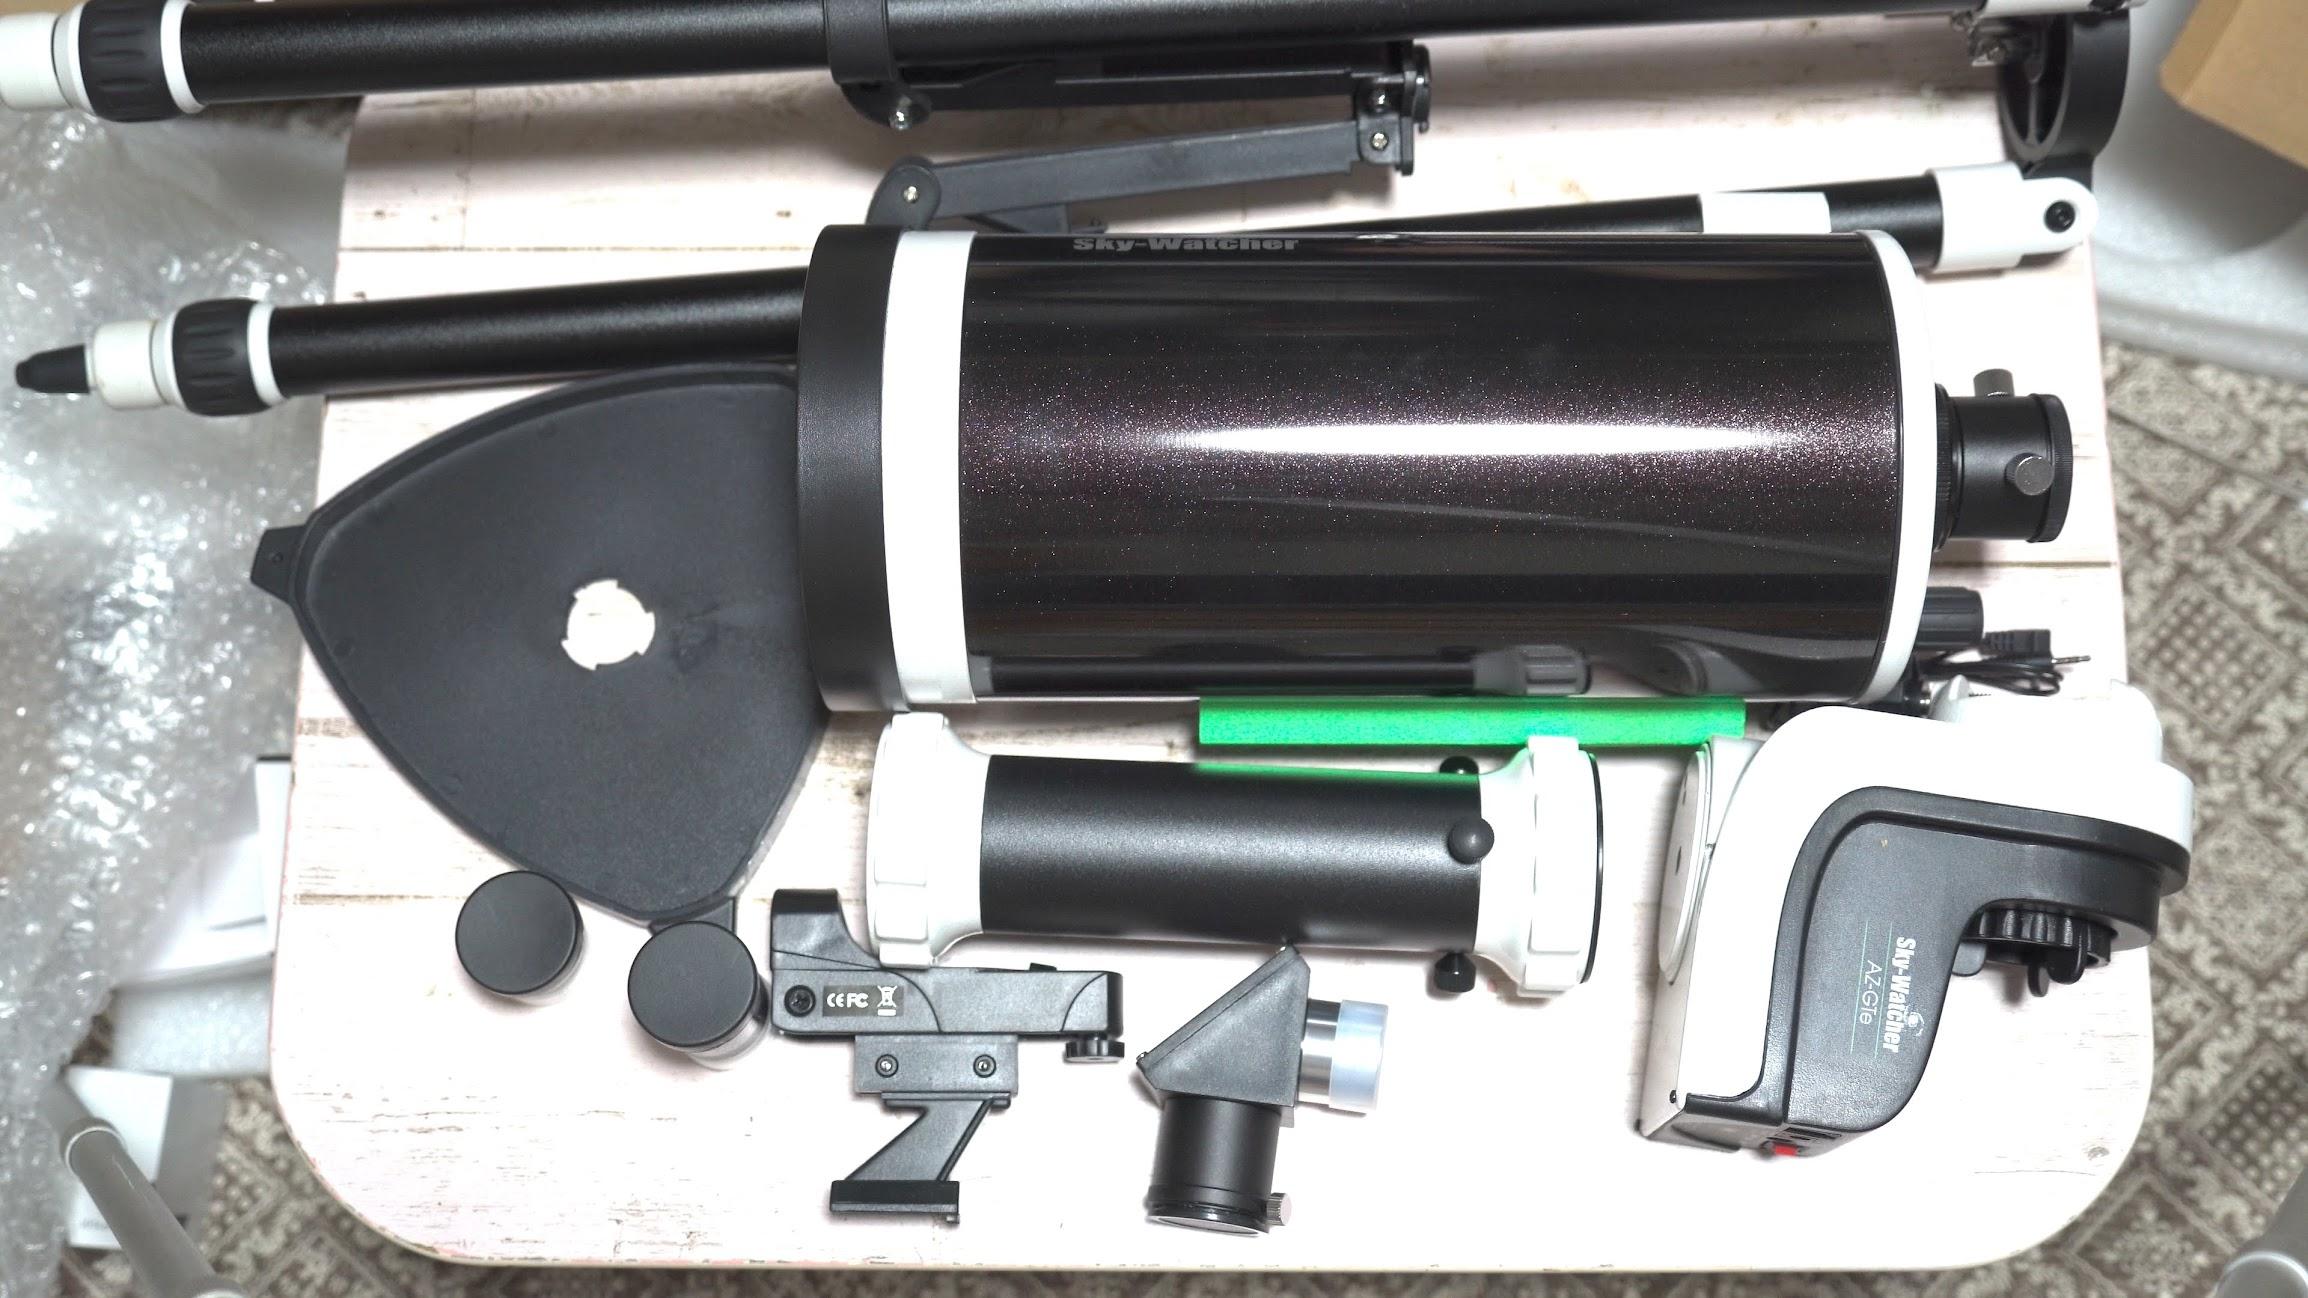 マクストフカセグレン式望遠鏡「Sky-Watcher AZ-GTe MAK127」